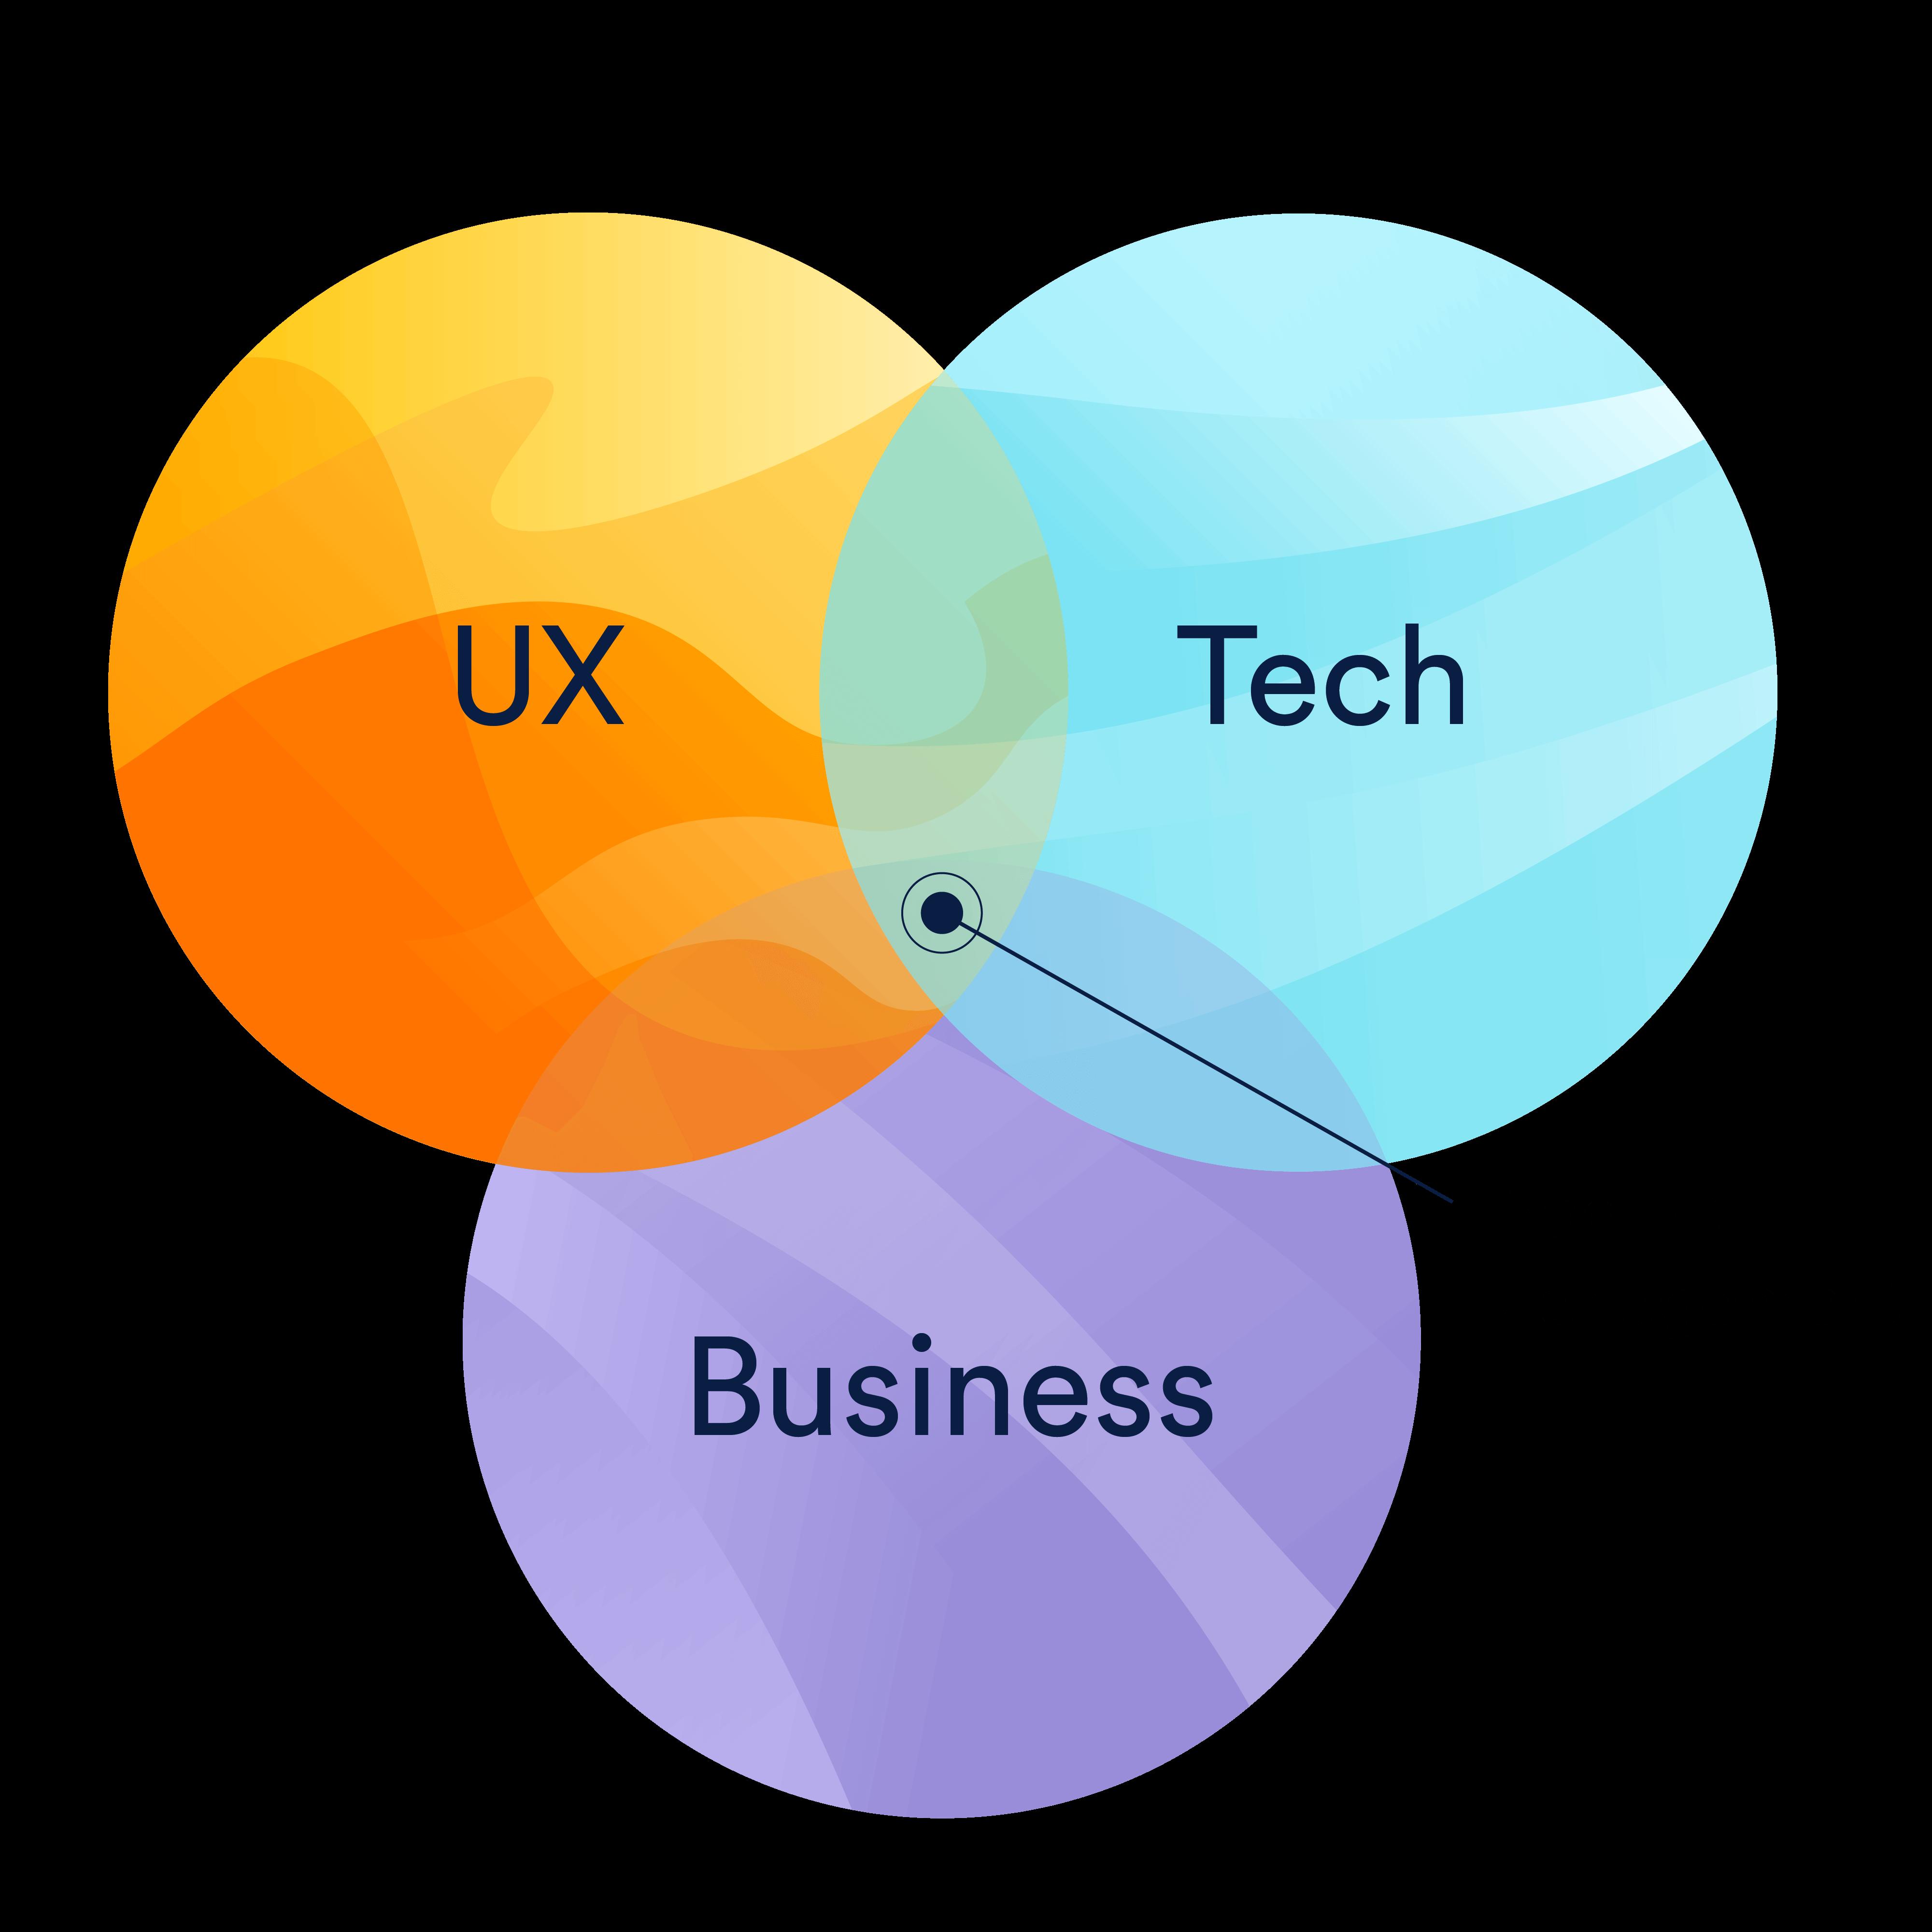 Схематичное изображение пользовательского интерфейса, технологий и бизнеса